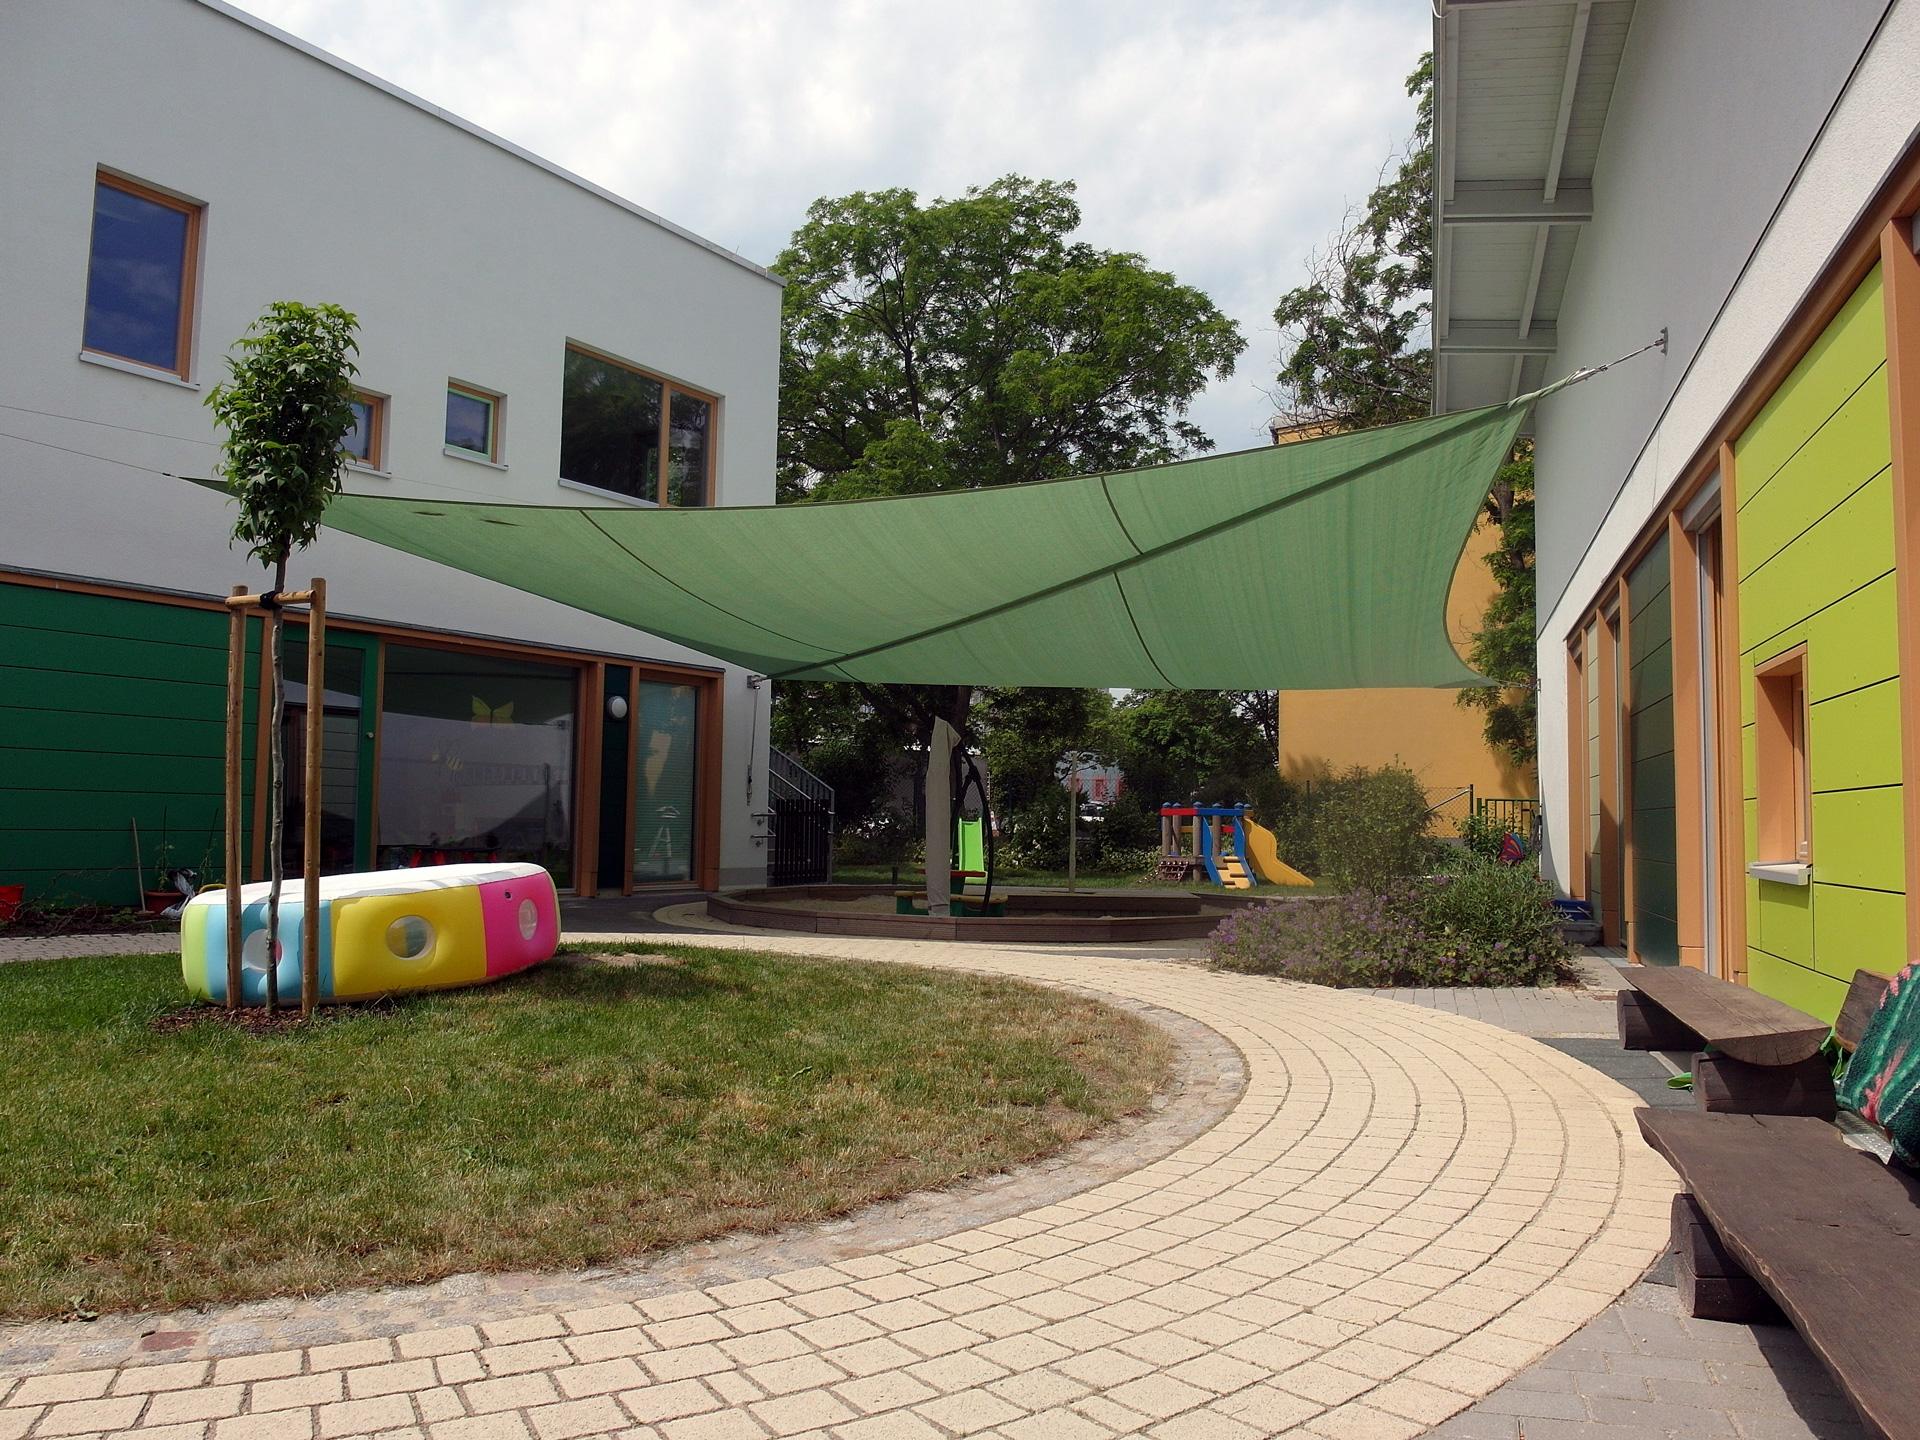 Grünes Sonnensegel in einem Kindergarten